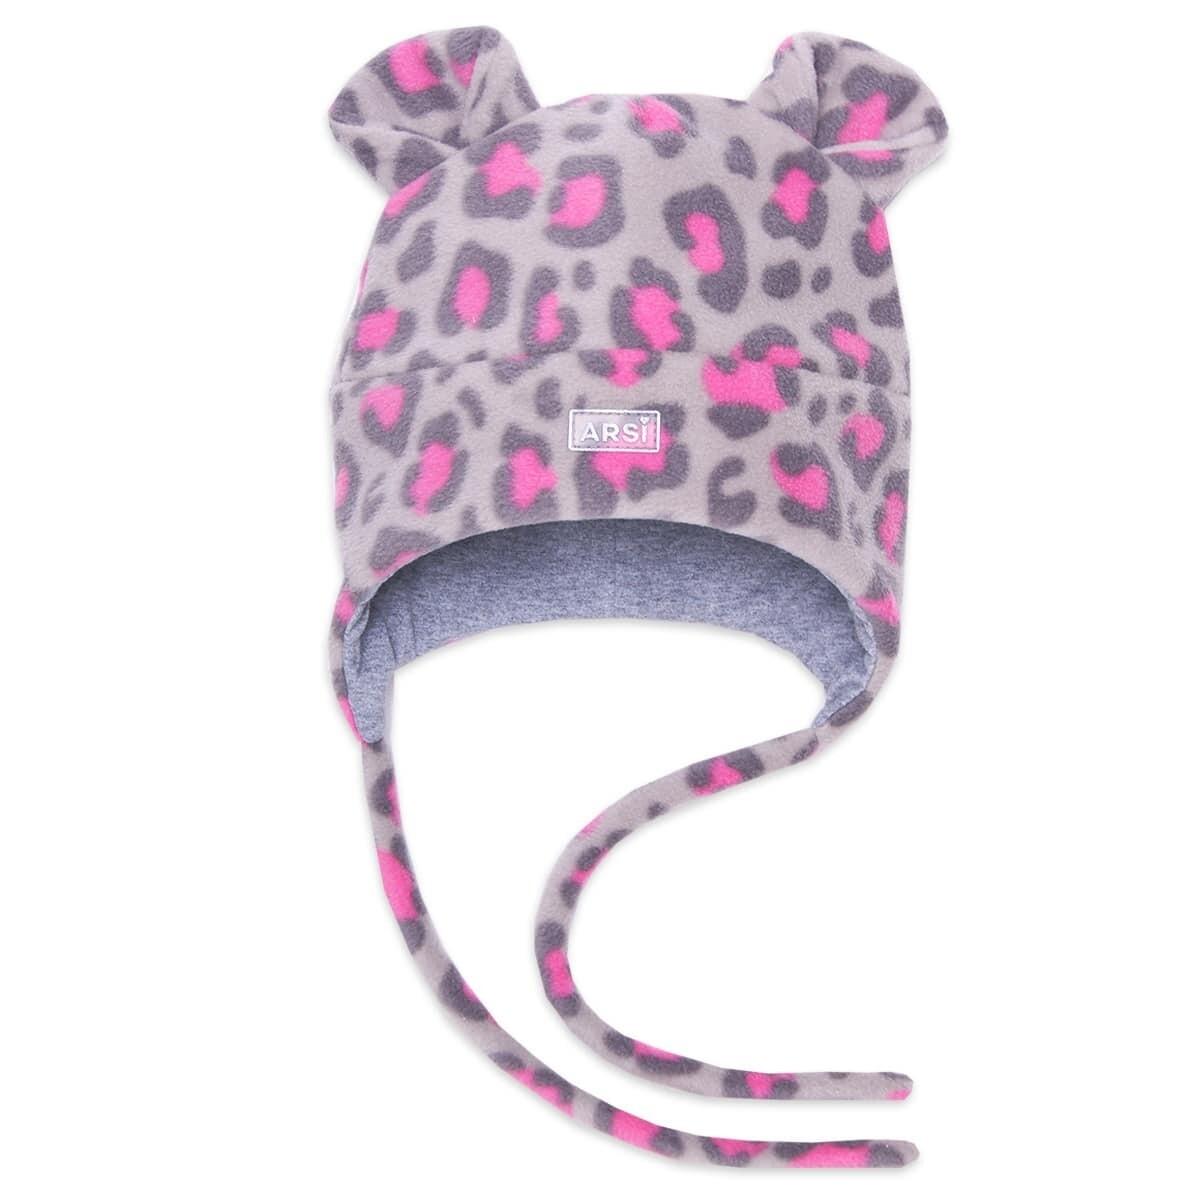 Шапочка LEO, демисезон, серо-розовая леопард